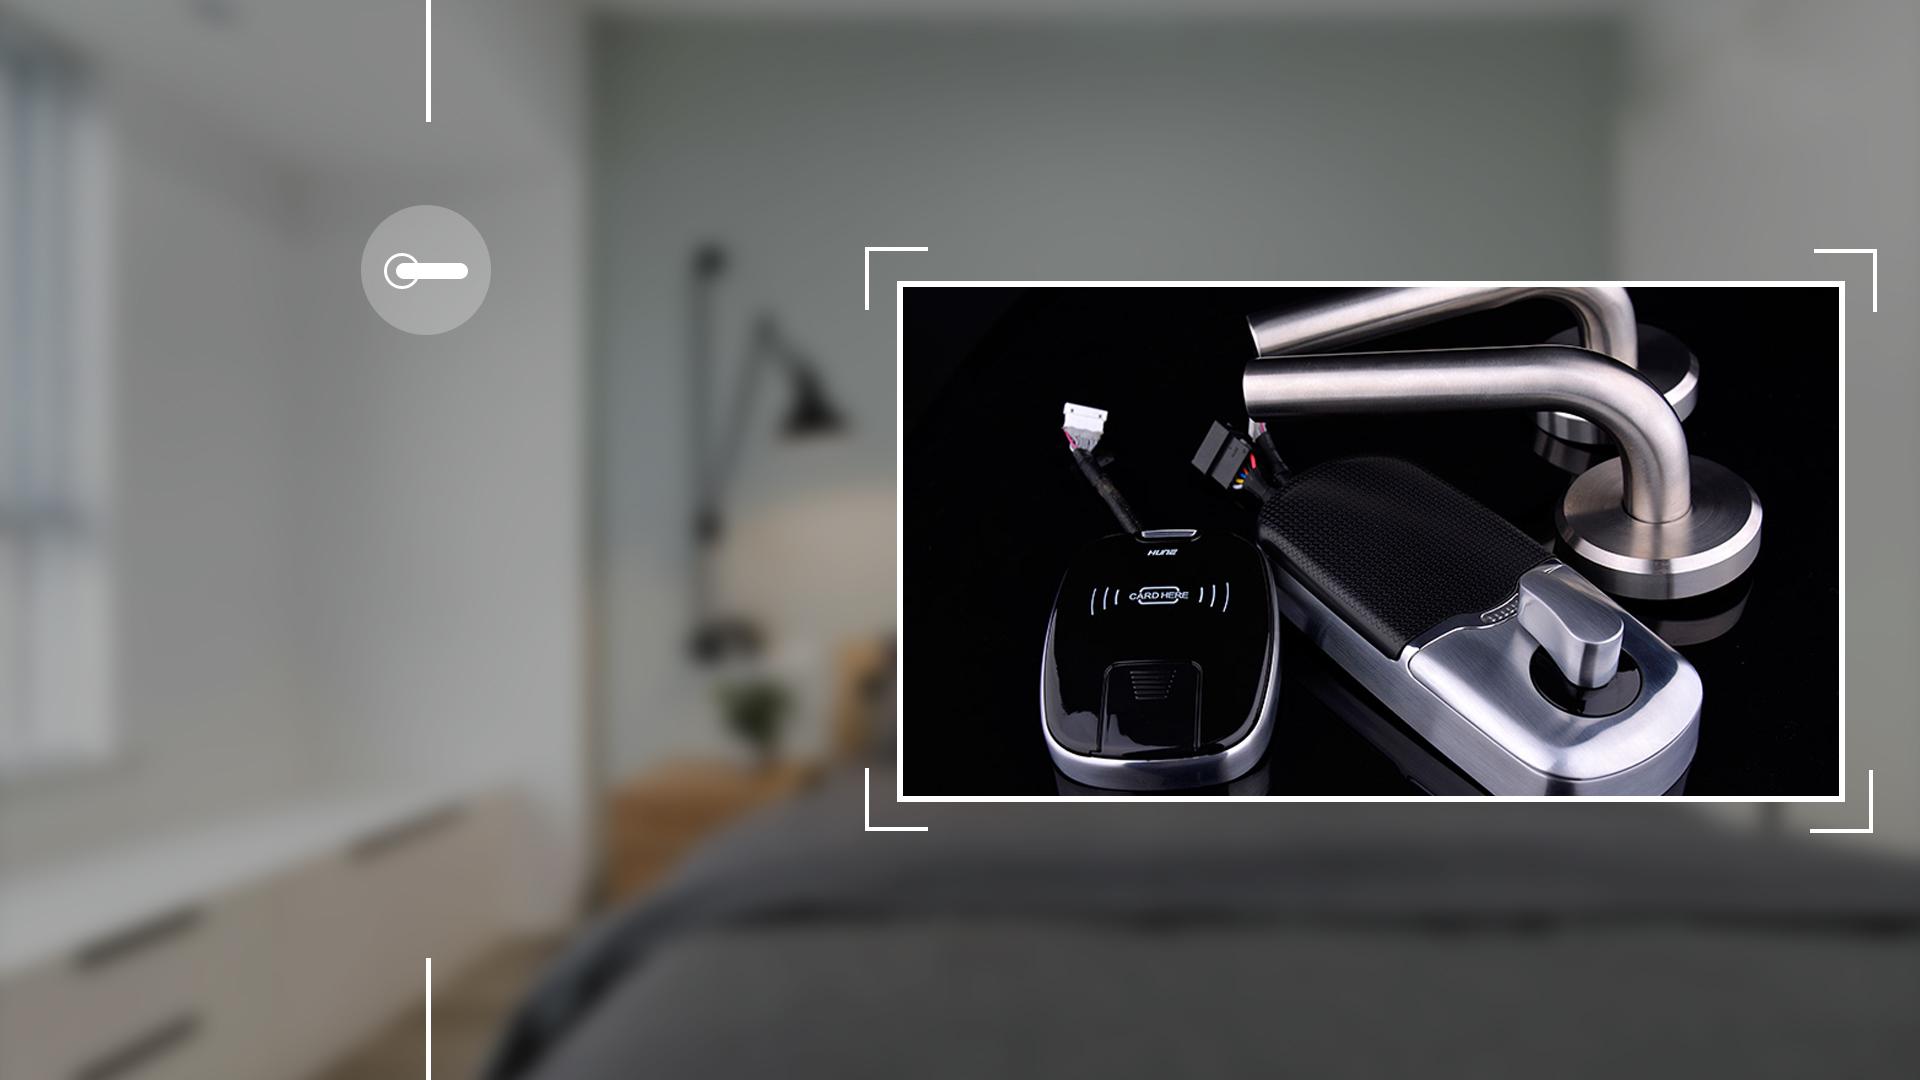 Hình ảnh sản phẩm khóa thẻ Hune 6100-D